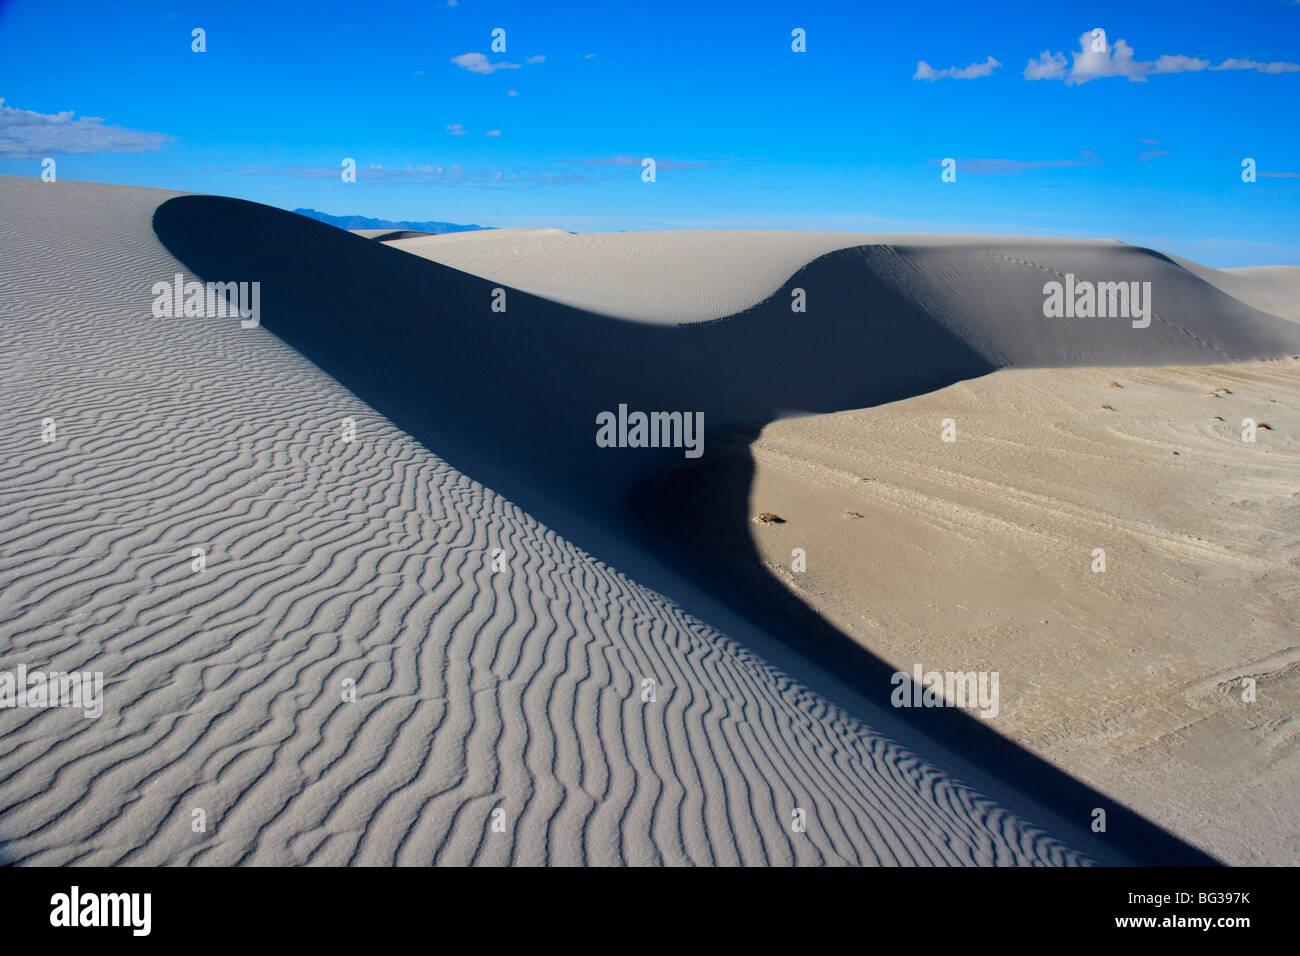 Haus der Dünen von White Sands in New Mexico.  Diese dramatische Dünen sind jemals aufgrund der vorherrschenden Winde mit den Wellen bewegen. Stockfoto